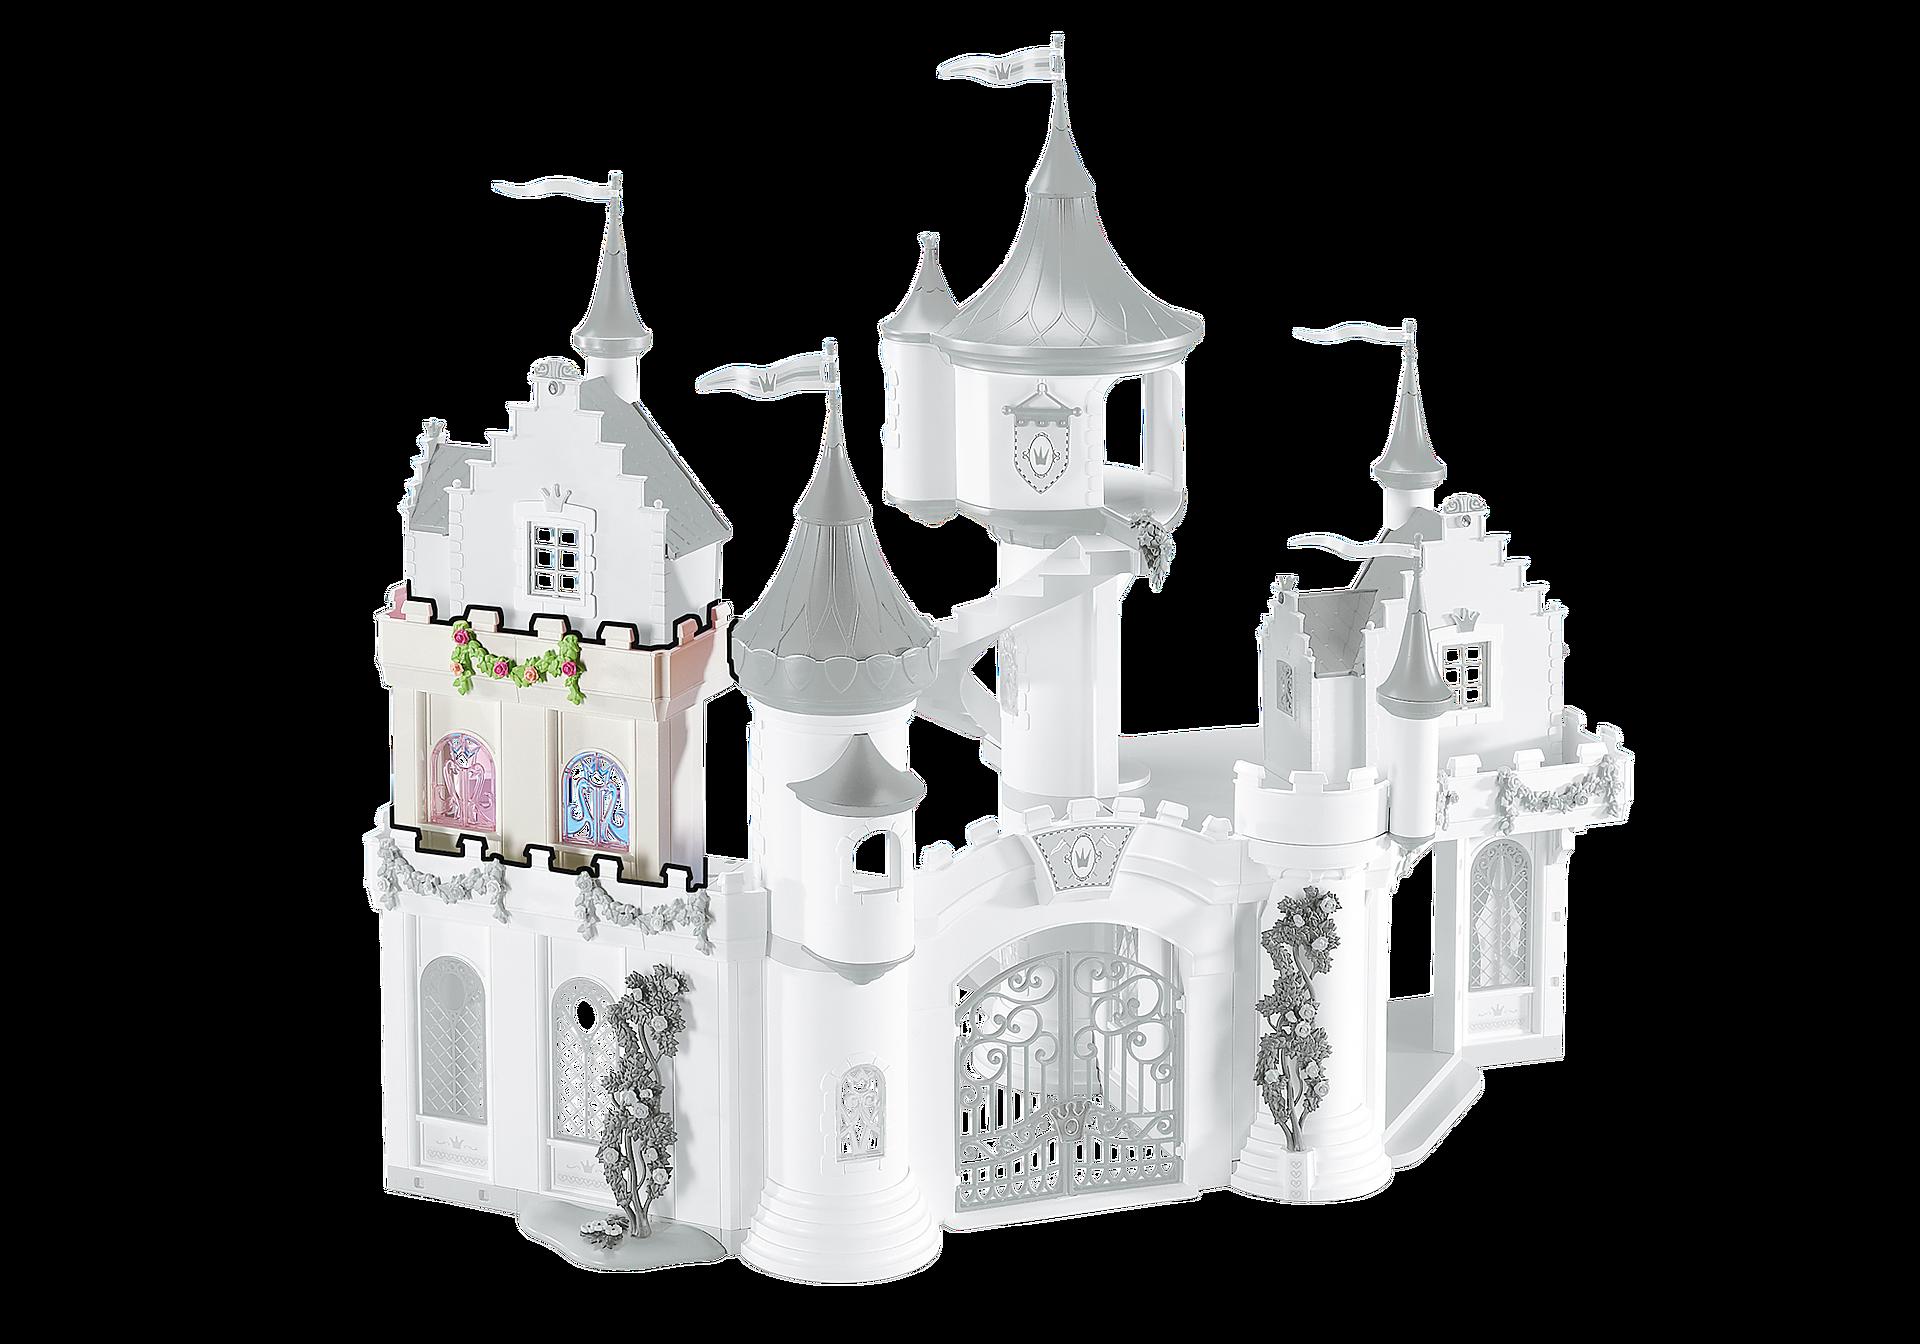 6518 Muret d'extension pour le Grand Château de Princesse zoom image1